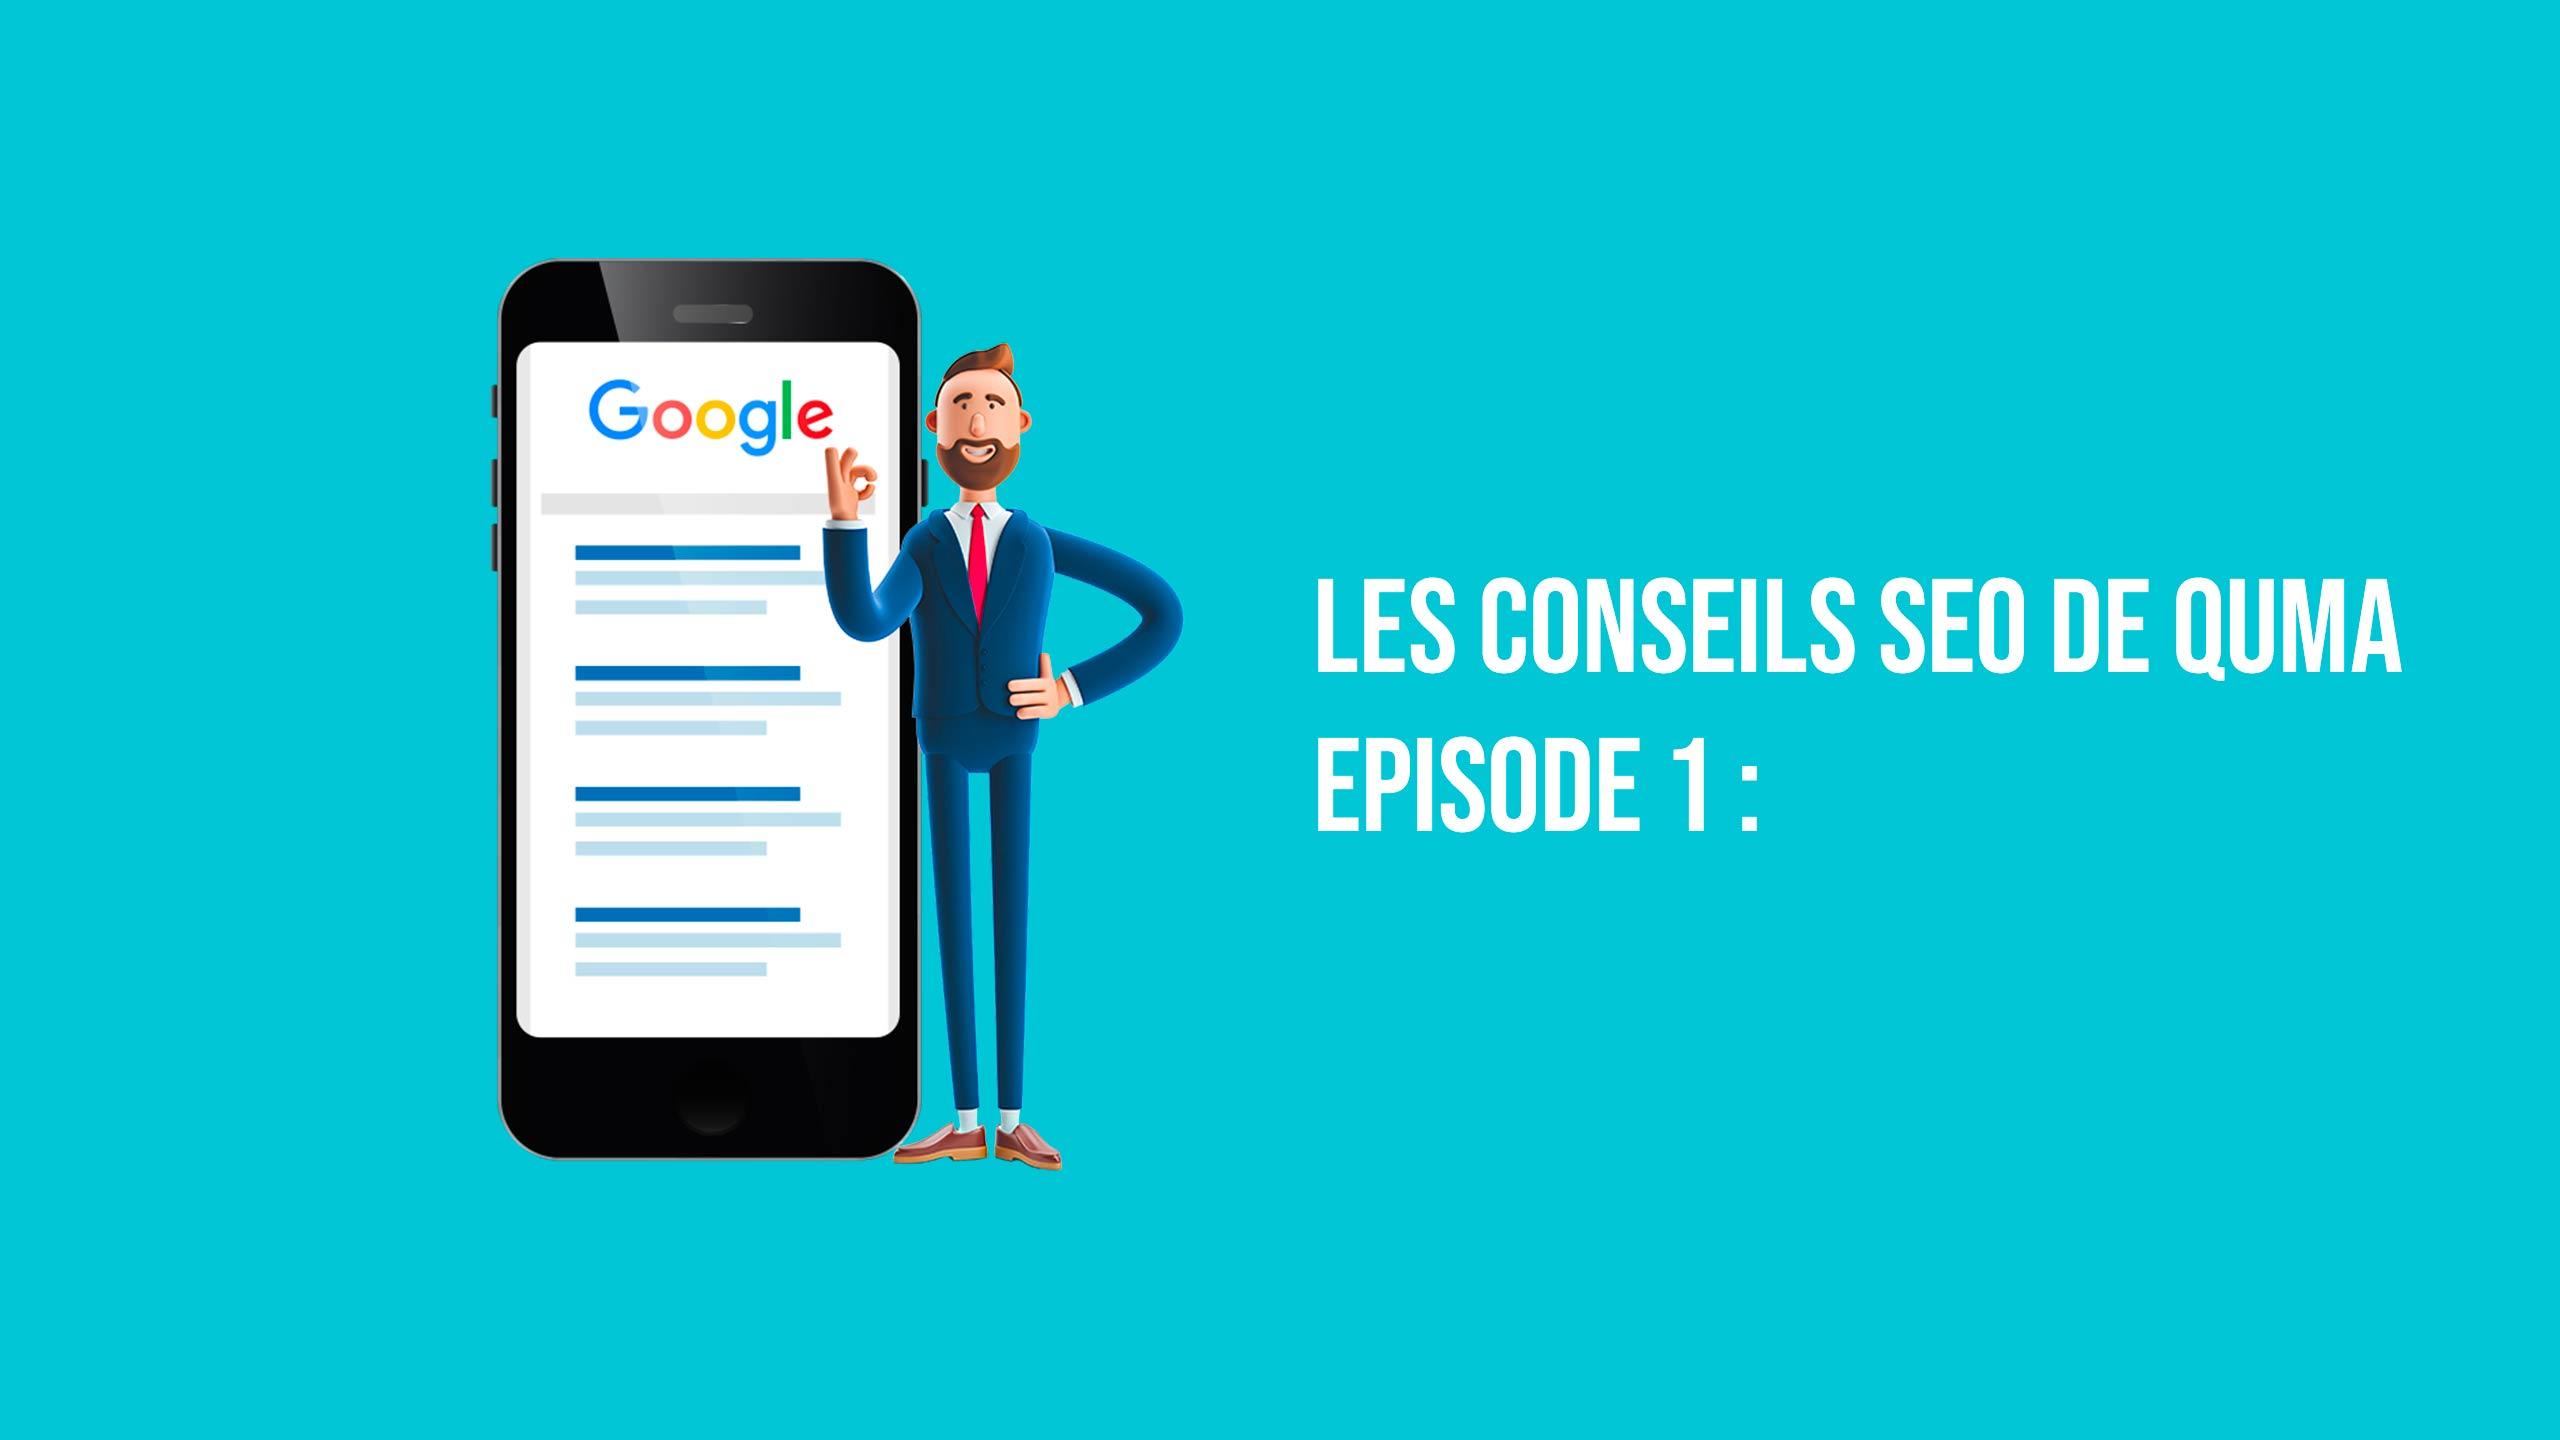 Conseils SEO Episode 1 : 5 points faciles à vérifier pour améliorer le référencement de votre site internet